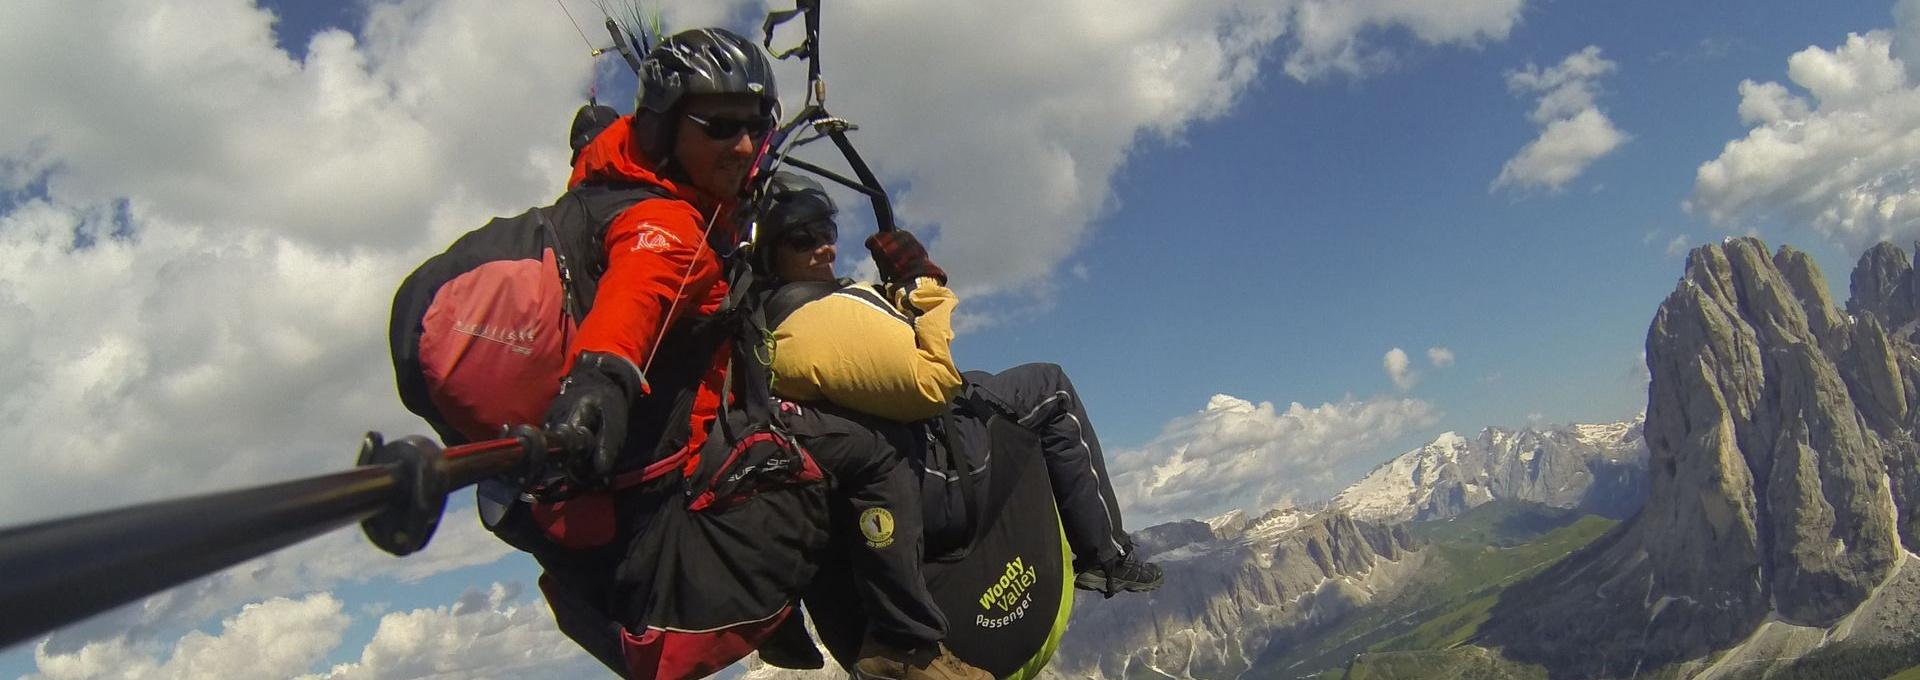 Val Gardena - Dolomiti volo libero